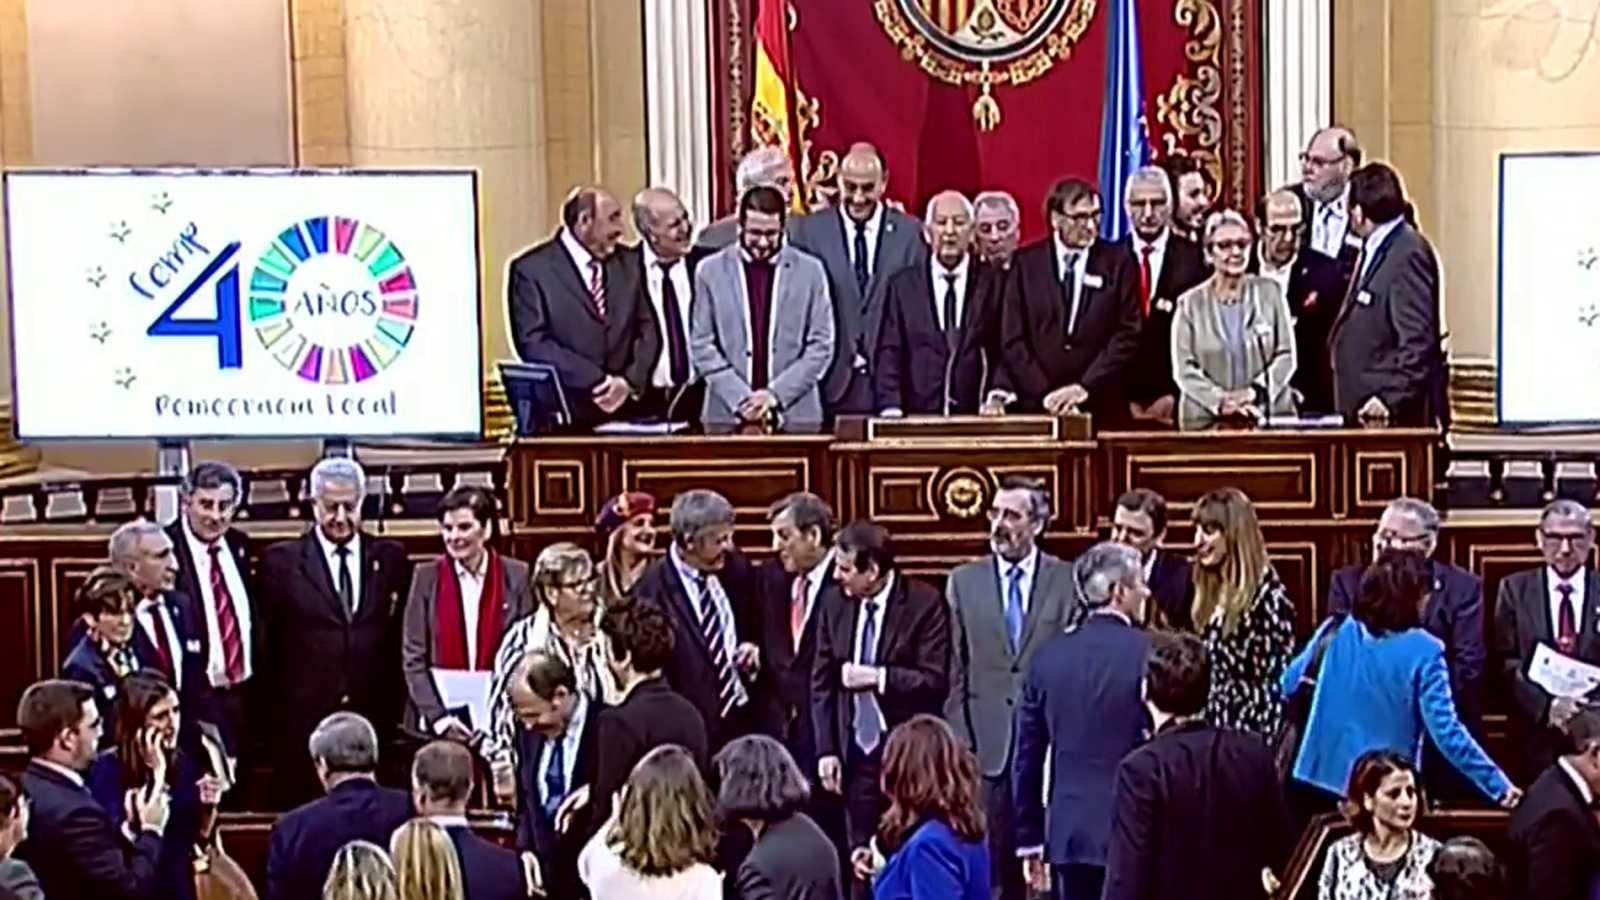 Homenaje a los 22 alcaldes más antiguos en el 40 aniversario de las primeras elecciones municipales